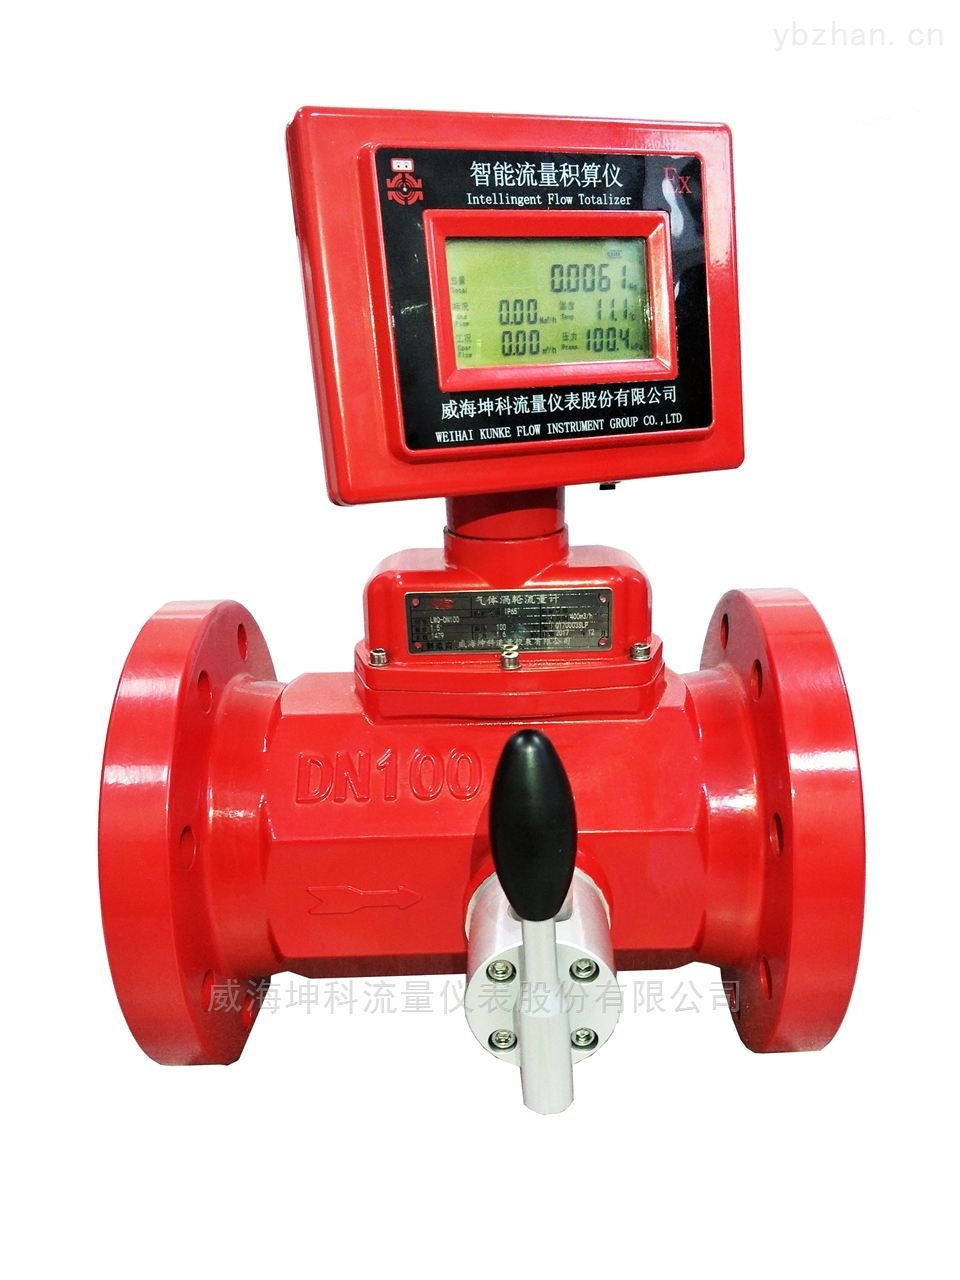 天然氣流量表-煤改氣專用表